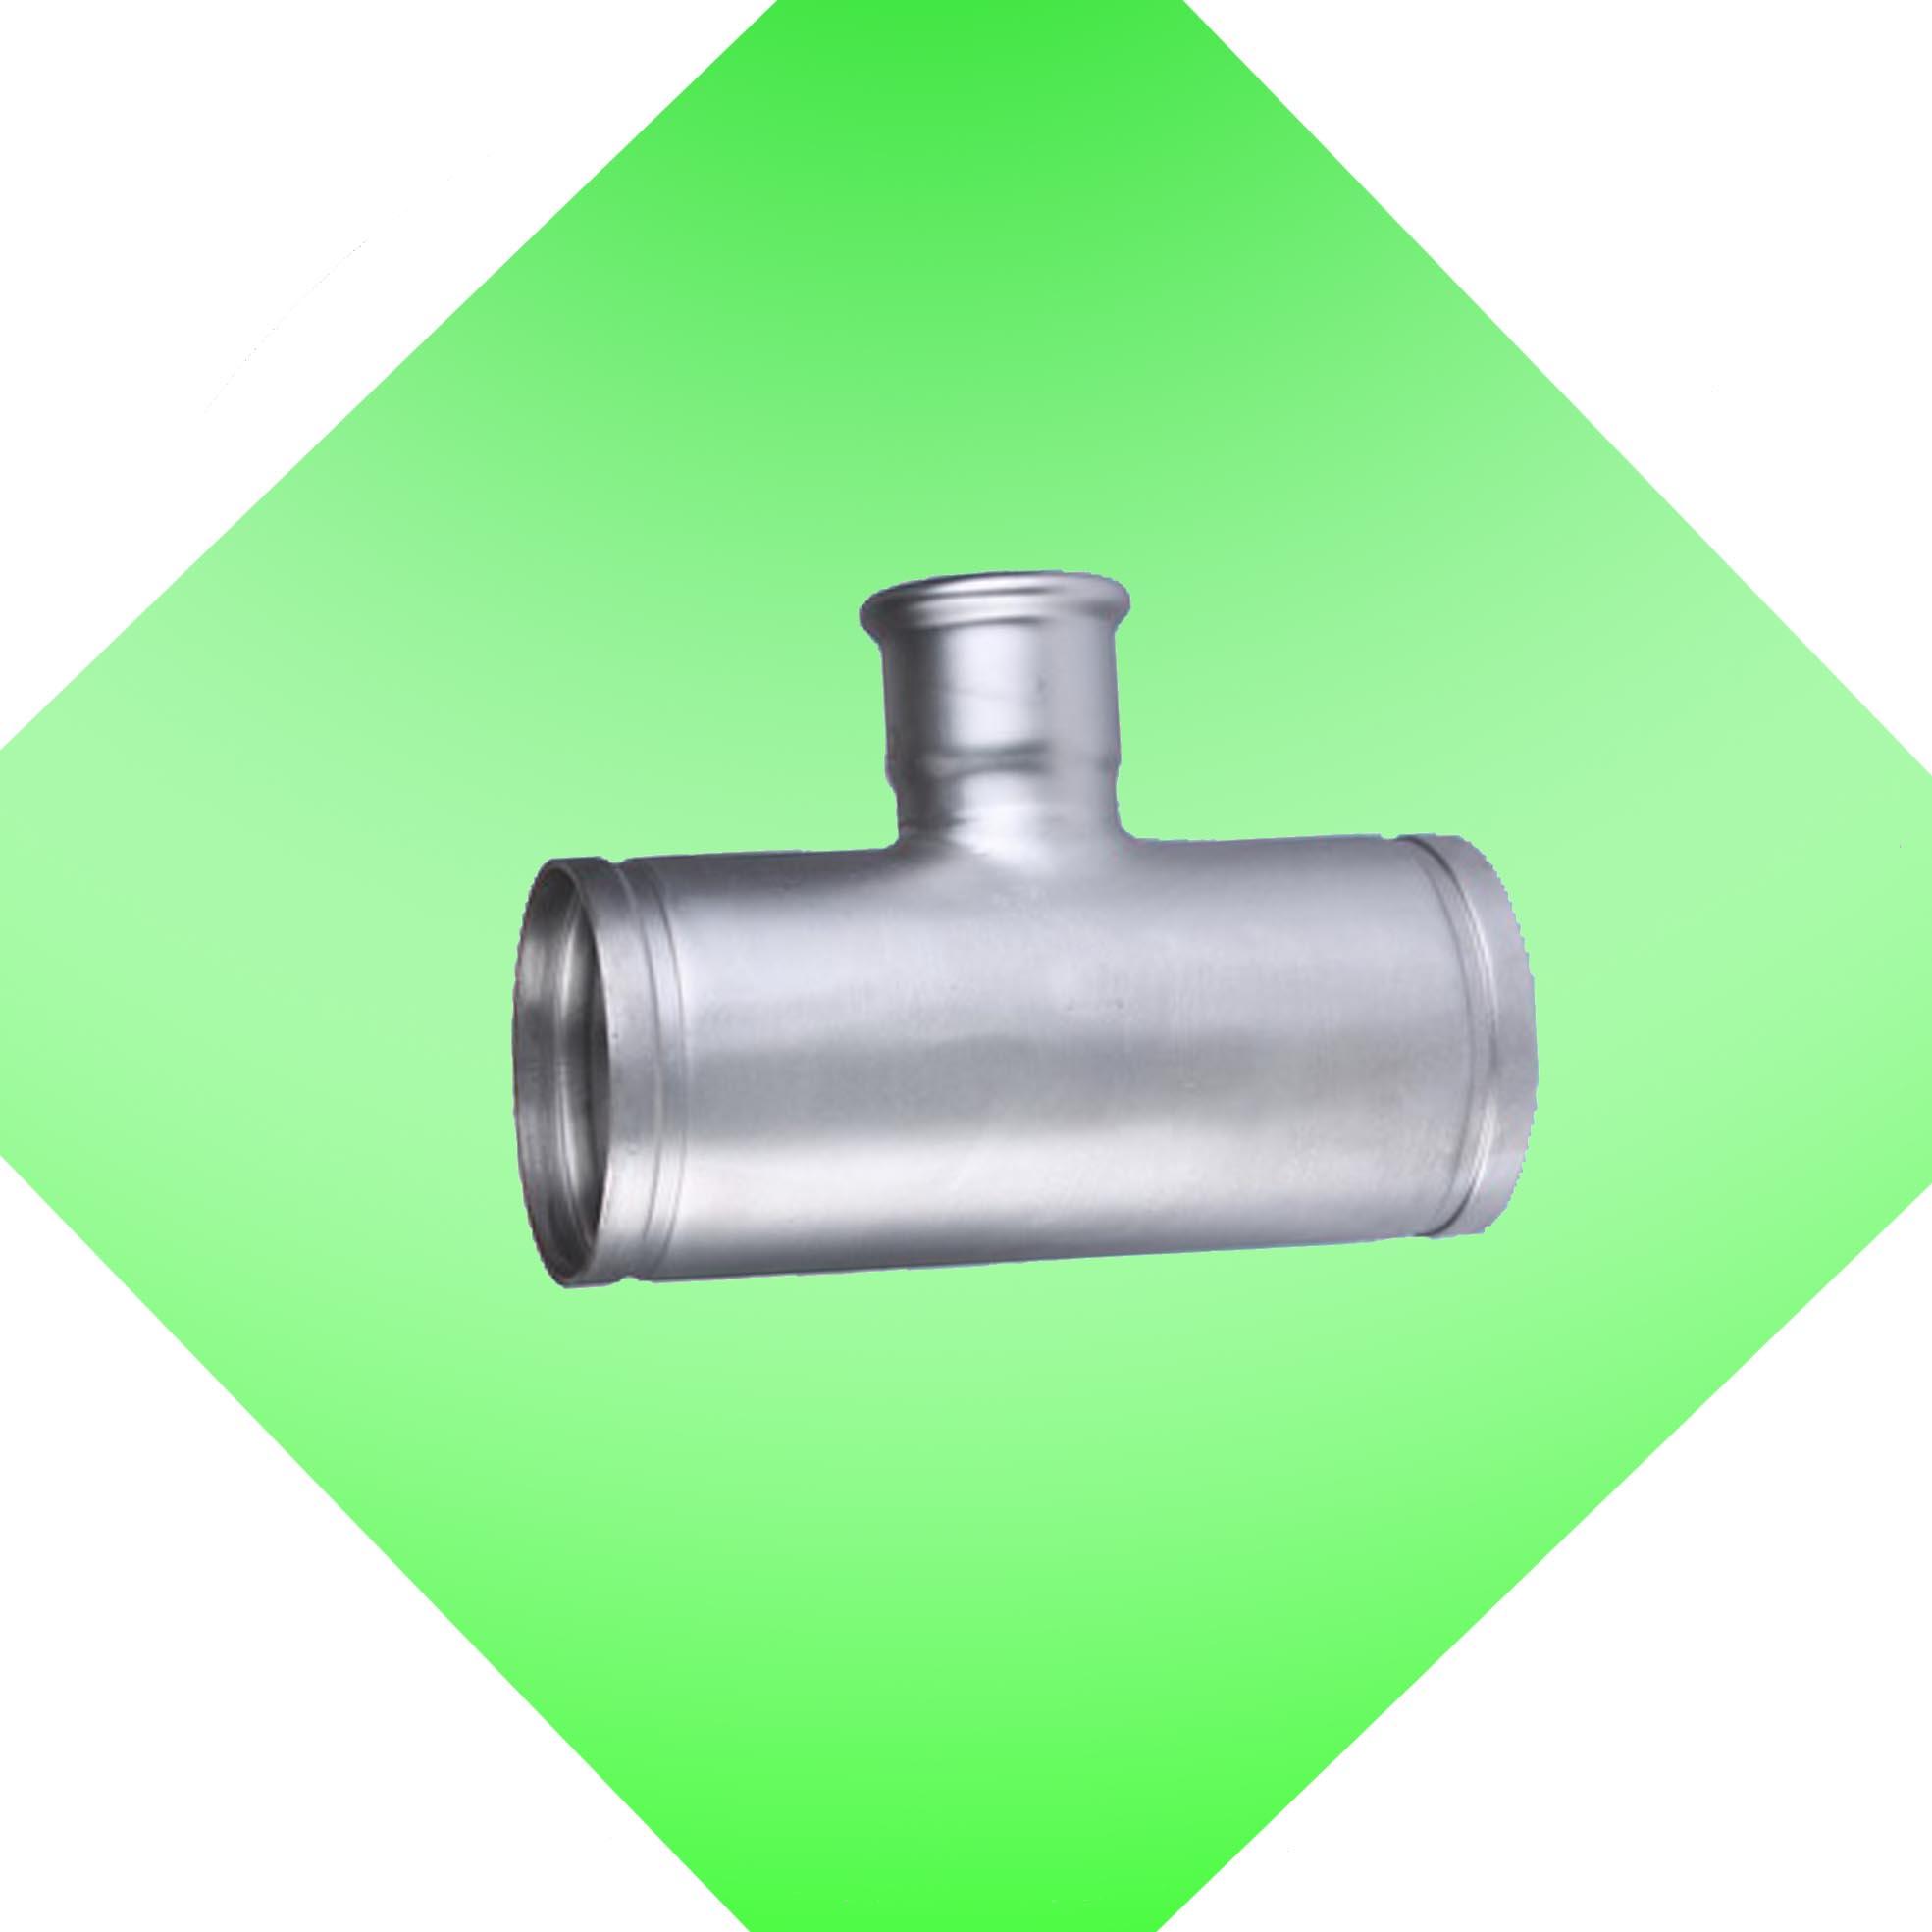 作為新型的鋼管連接方式,溝槽式連接都有哪些優點呢?